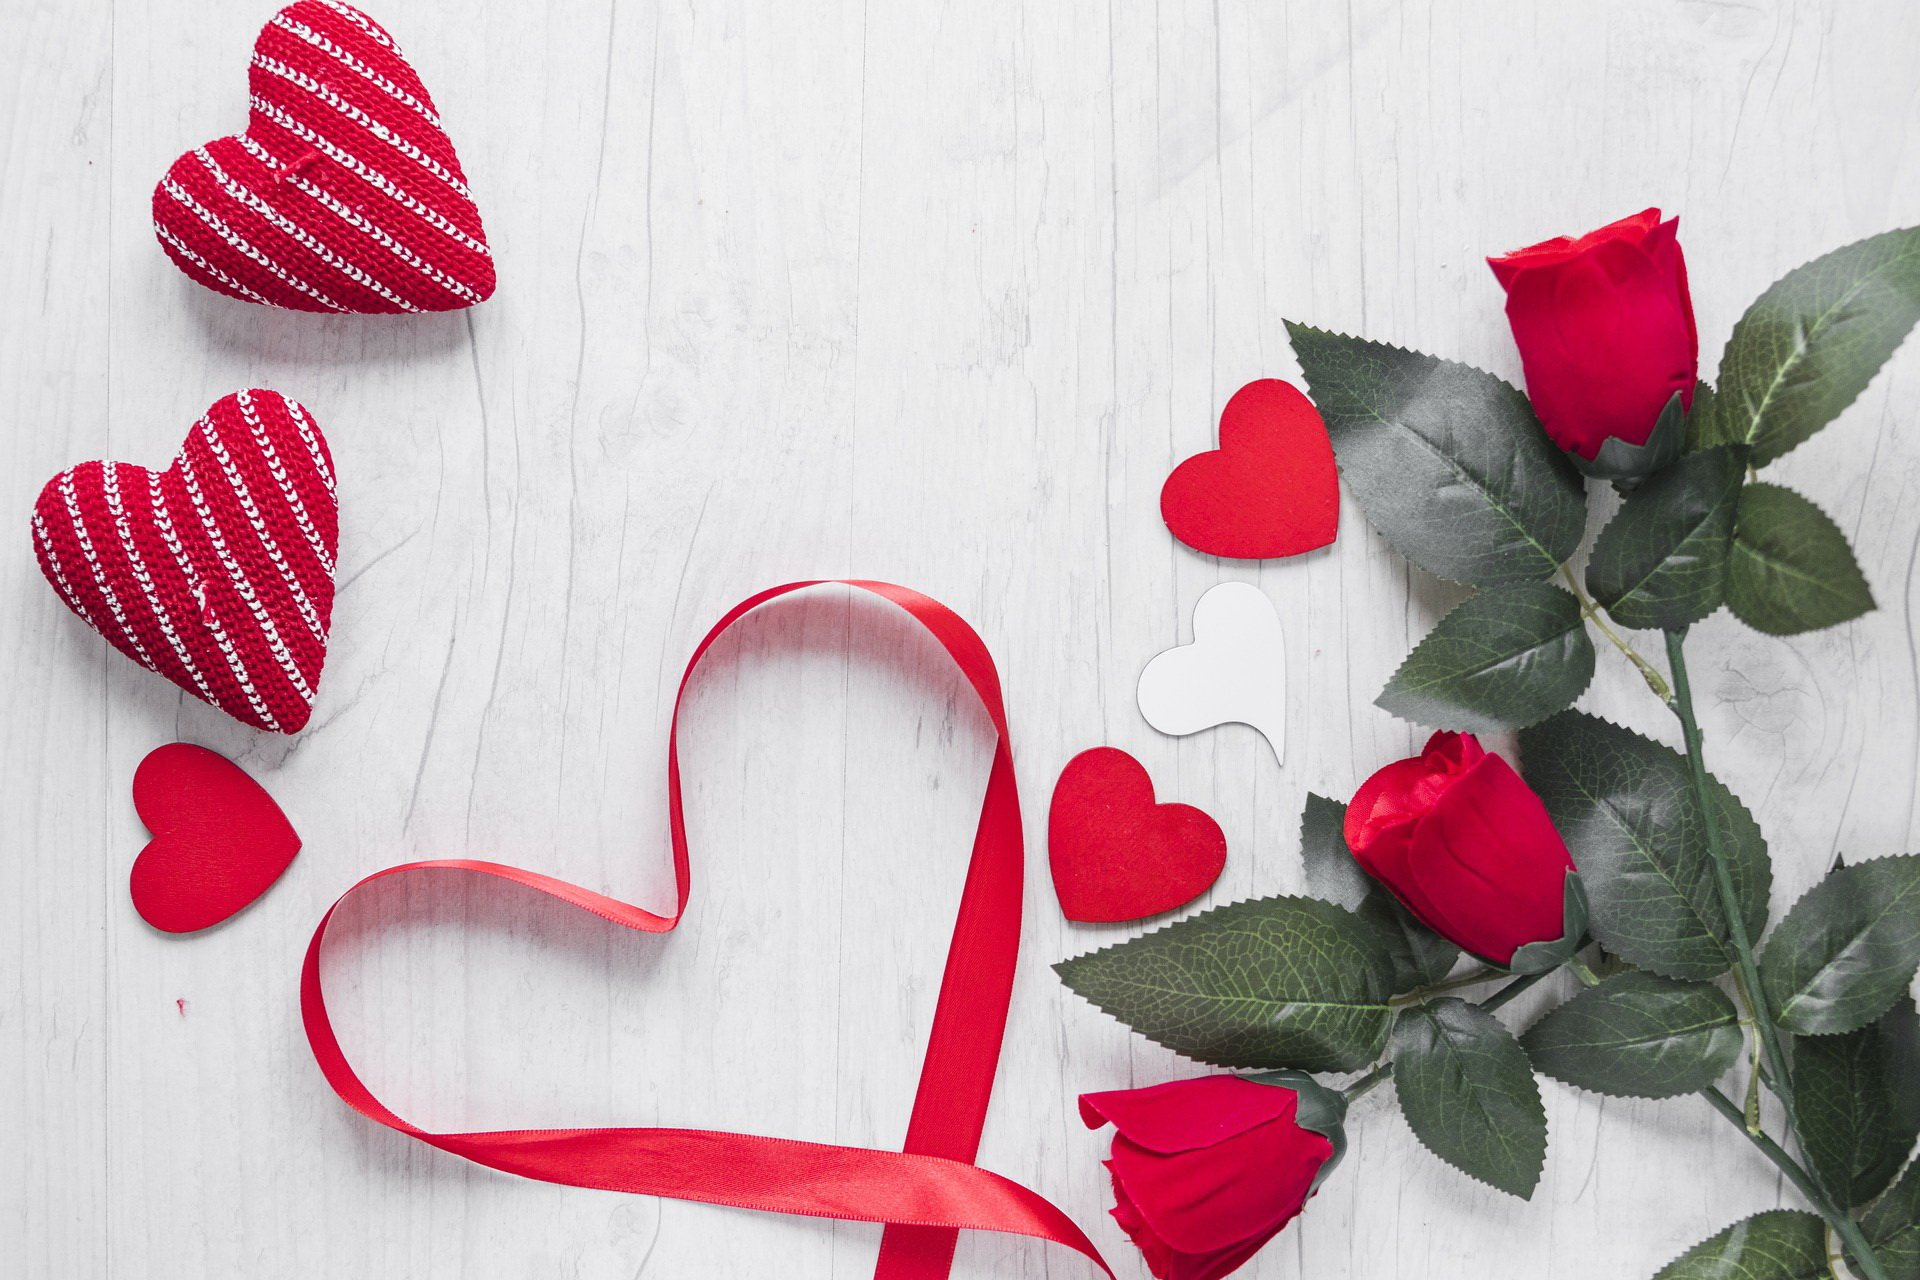 wierszyk miłosny dla niej, walentynki dla dzieci Zostań moją Walentynką